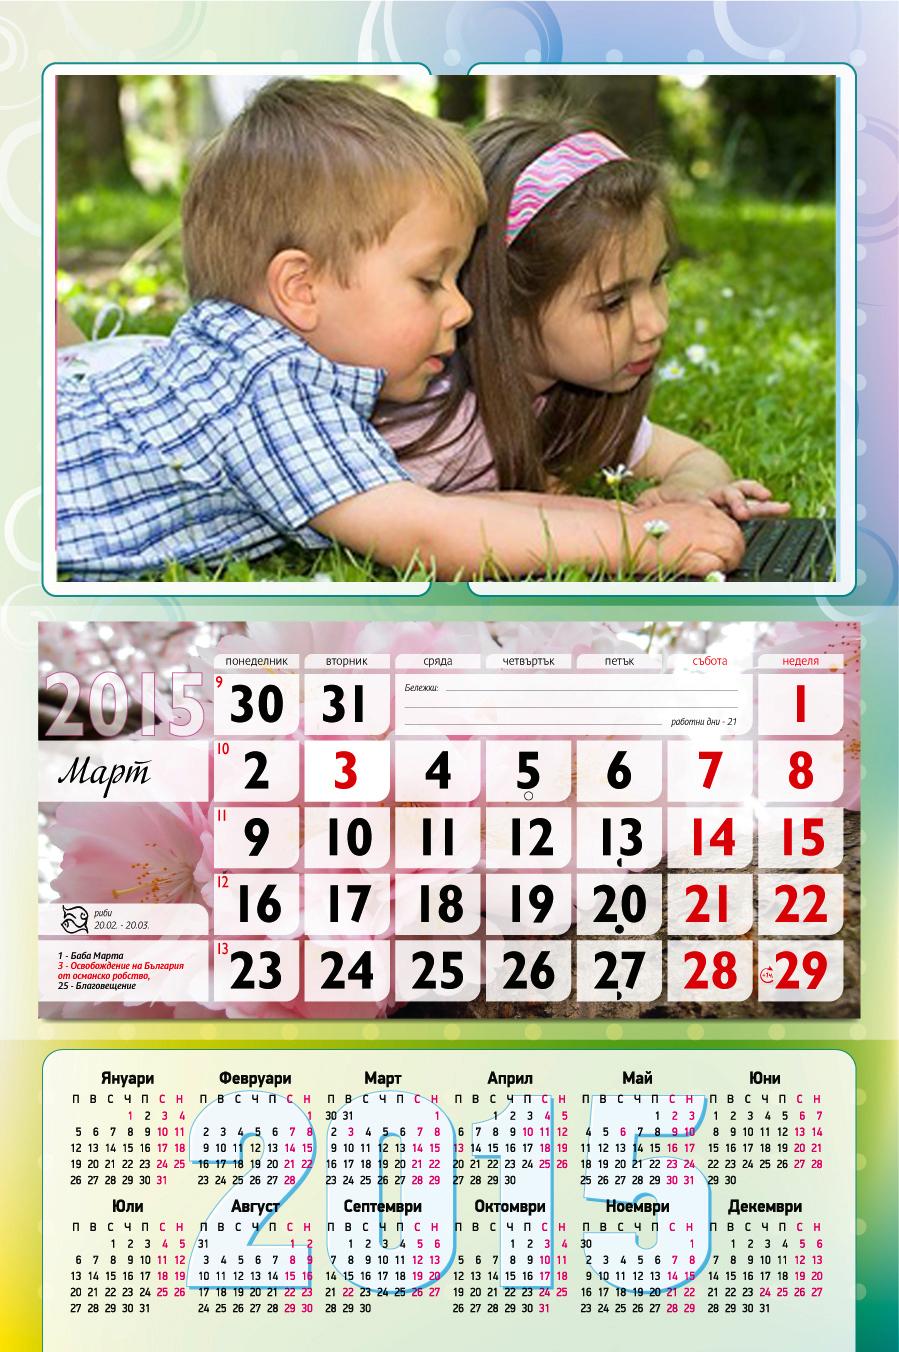 Онлайн поръчка на Календари 2015